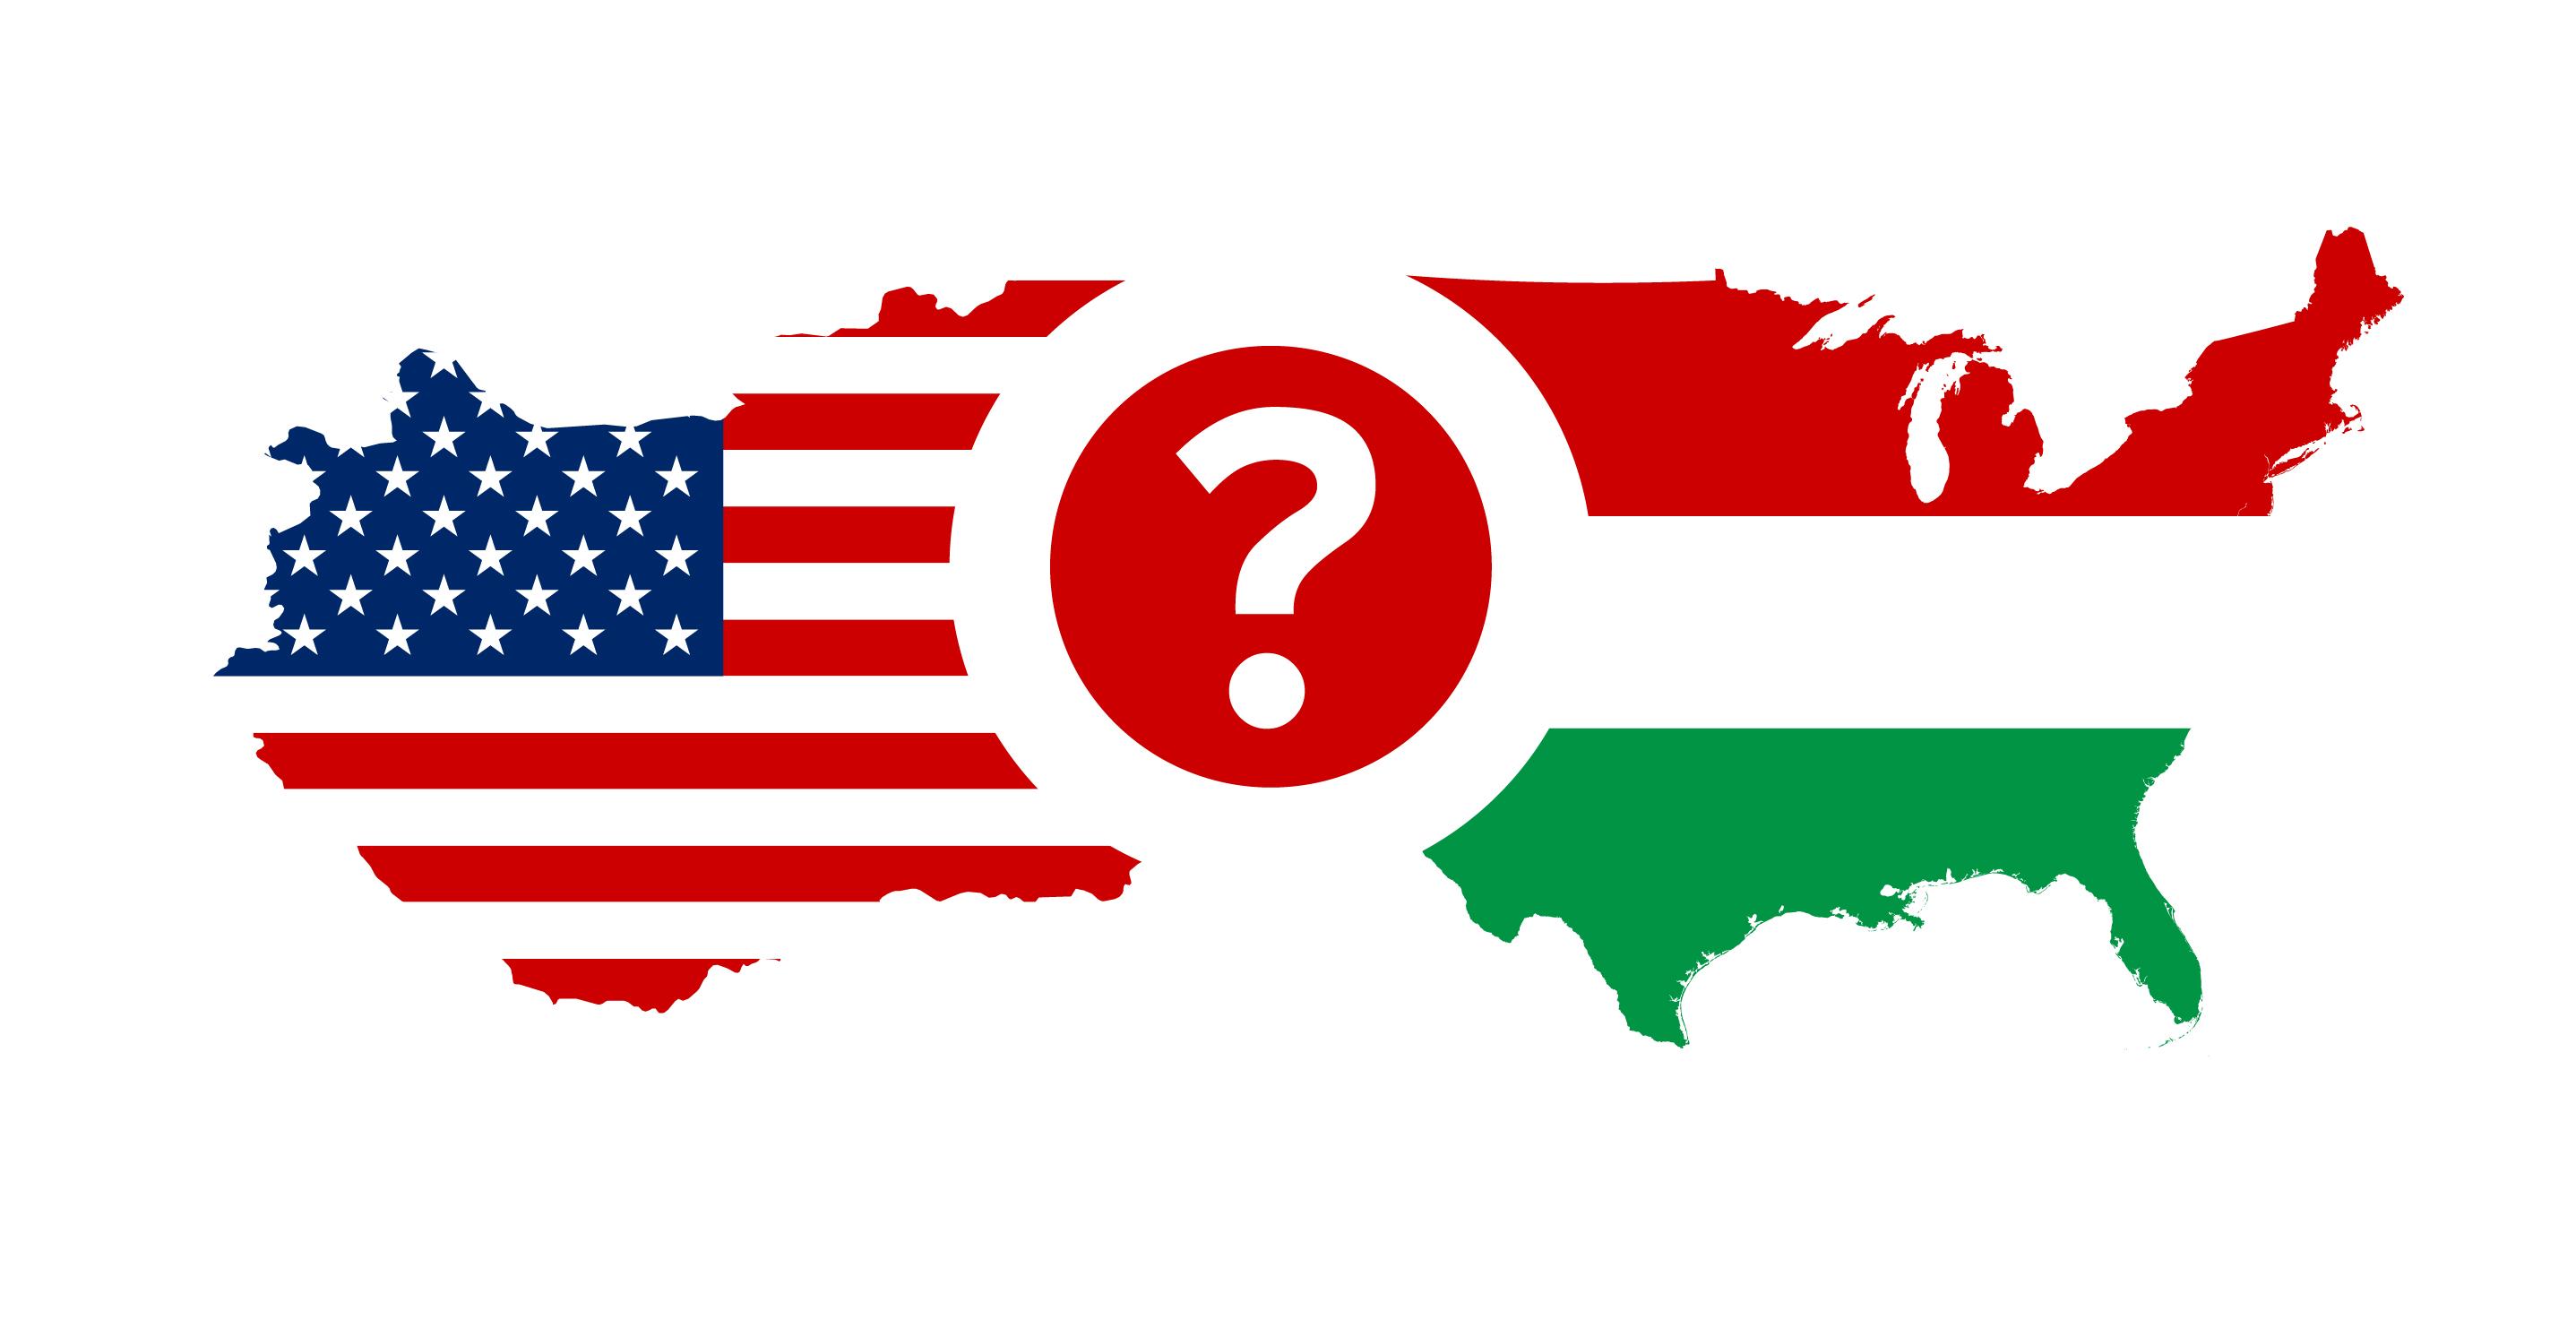 magyar-amerikai_logo_nagy.jpg